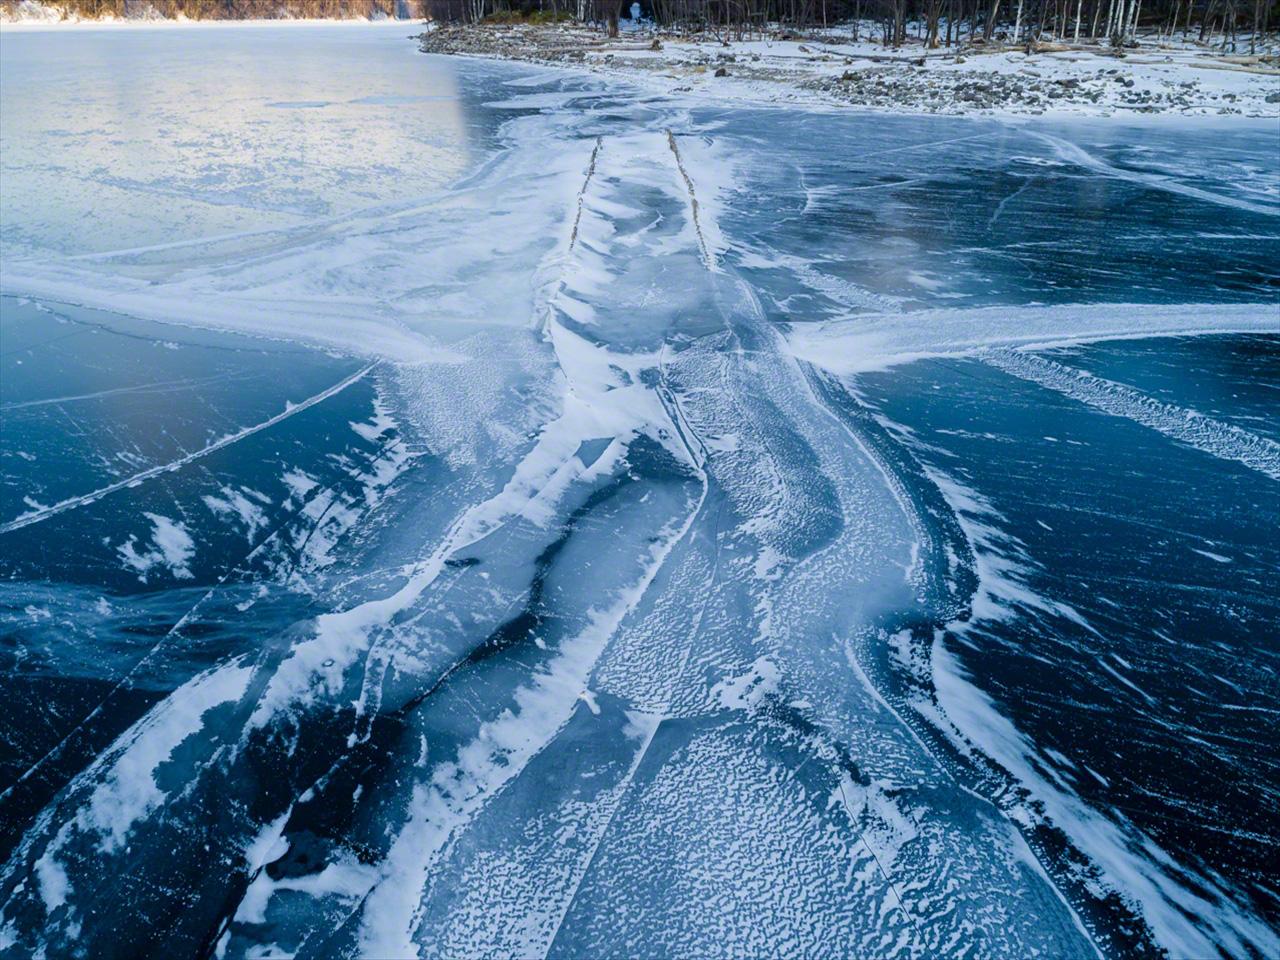 Pada bulan Desember, jembatan secara bertahap mulai muncul kembali melalui es tipis saat permukaan air turun.